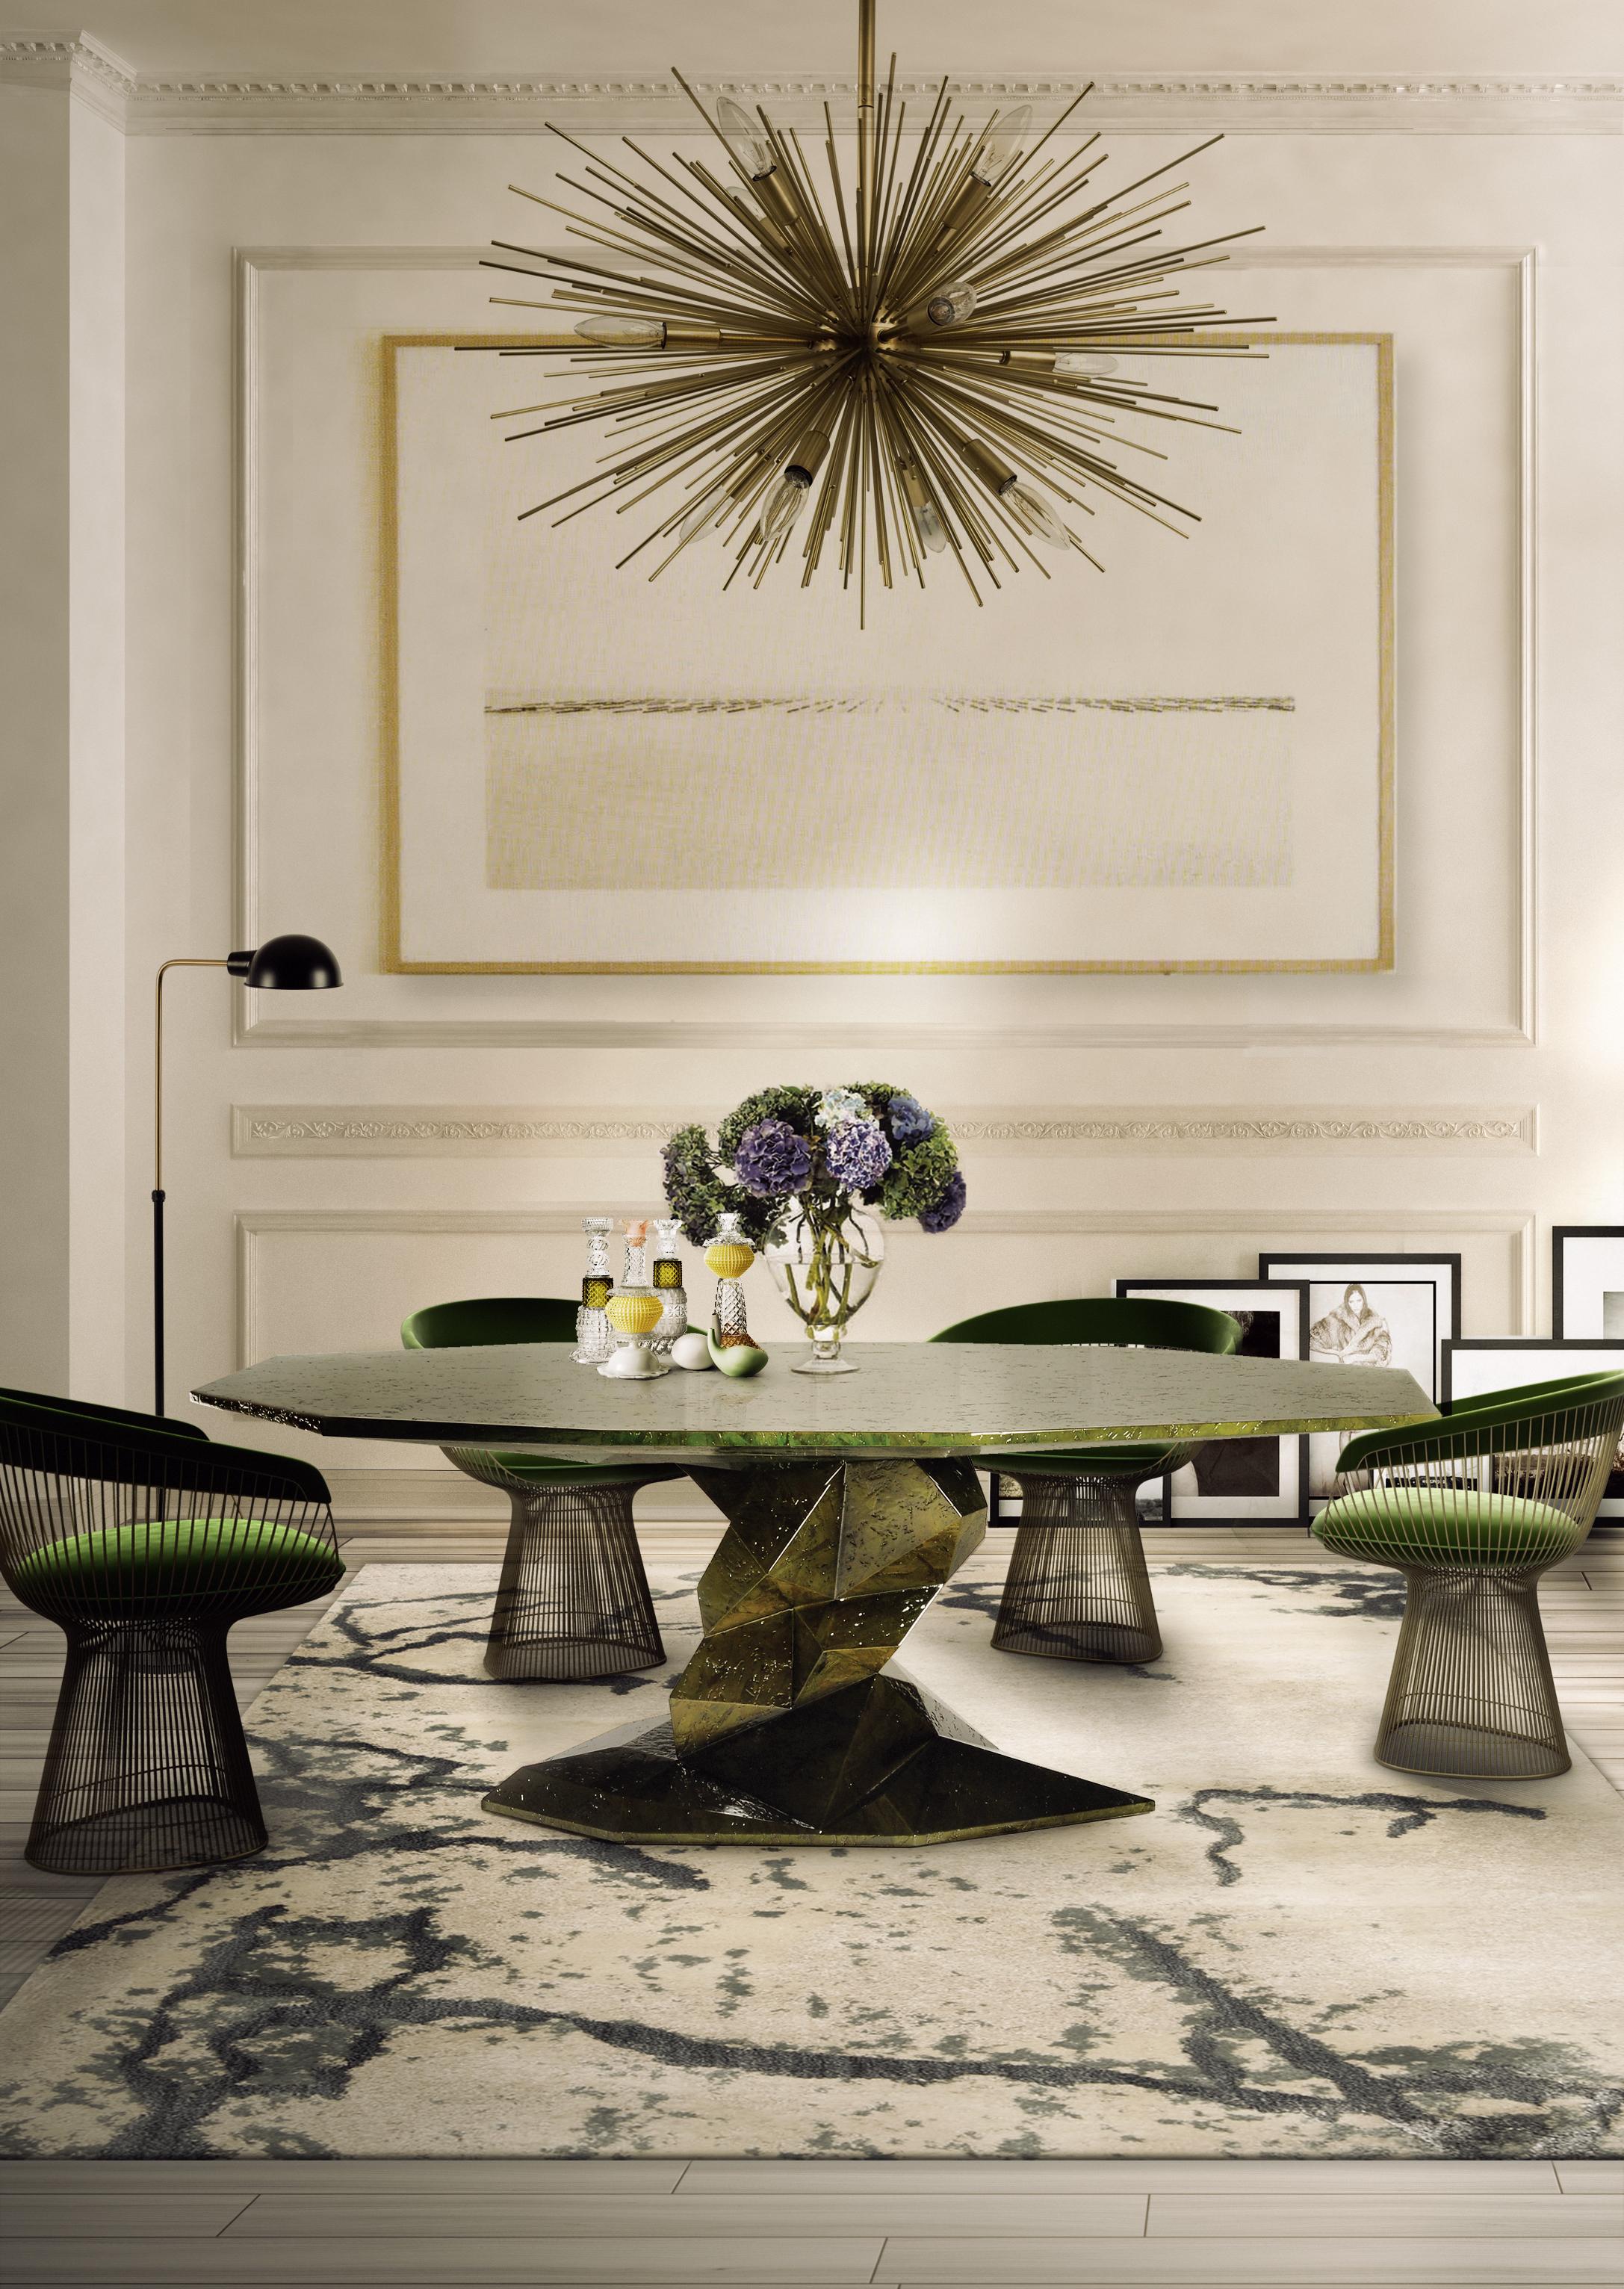 Design Möbel Einzigartige Design Möbel an die beste Reiseziele inspiriert bonsai